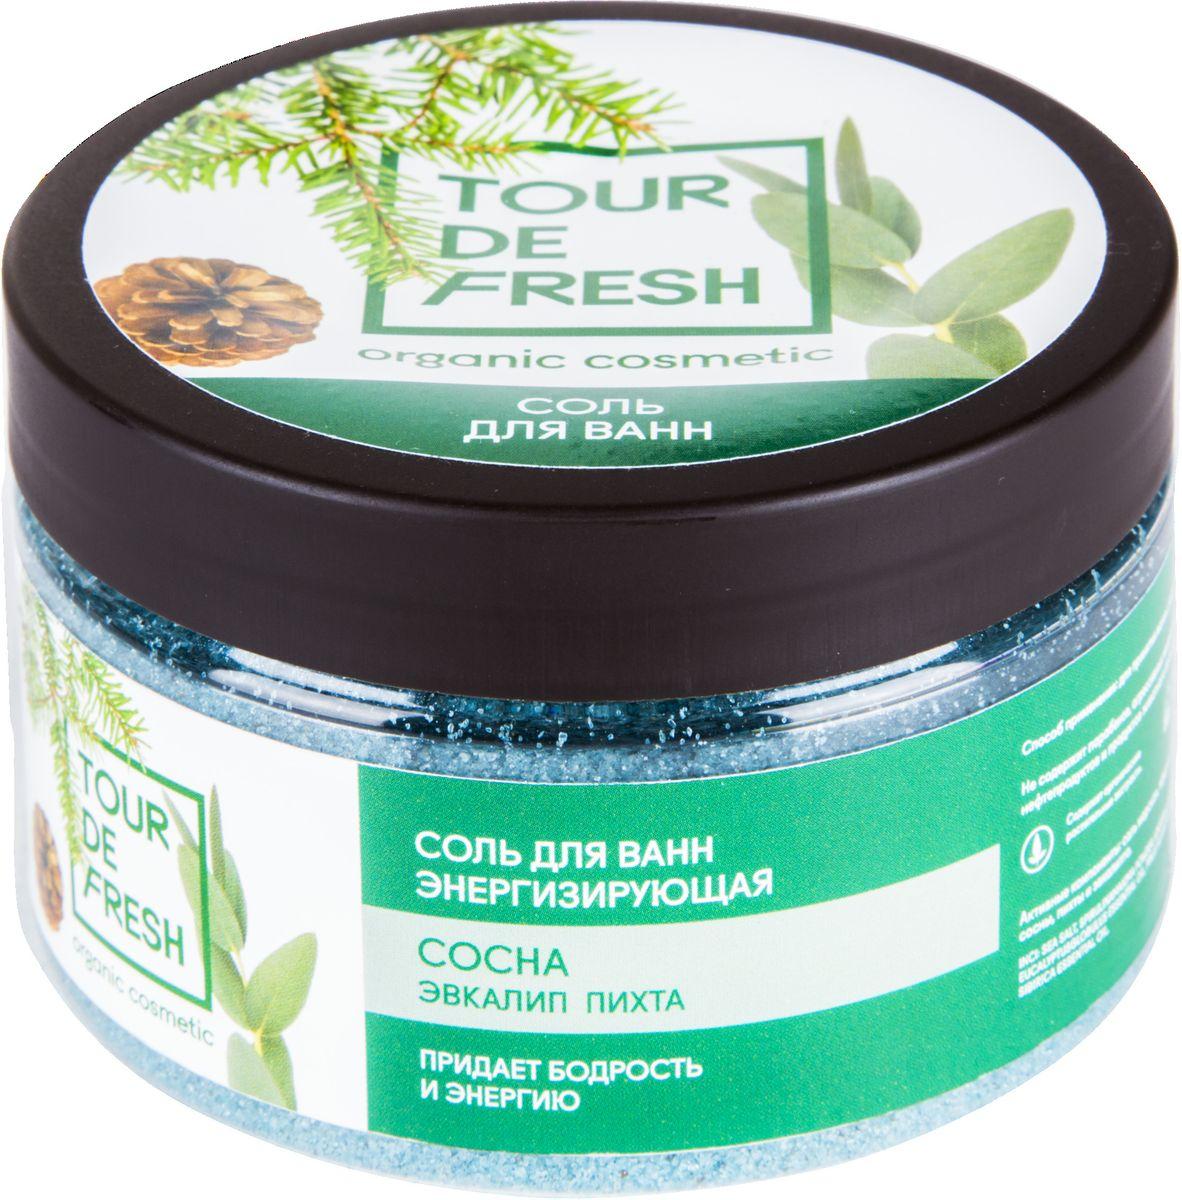 Tour De Fresh Соль для ванн Энергинизирующая, 200 млУФ000000062Соль для ванн с экстрактами хвойных растений - отличное средство для поддержания здоровья. Если вы когда-нибудь были в хвойном лесу, то наверняка знаете, как легко там дышится, какая лёгкость появляется в теле и какой заряд энергии даёт вдыхание аромата хвои. Похожего эффекта можно достичь и в домашних условиях - достаточно принять тонизирующую хвойную ванну Tour De Fresh.Эфирное масло сосны восстанавливает здоровый вид кожи, делает её упругой и подтянутой. Эвкалипт - мощный природный антисептик, он снимает воспаление и нормализует секрецию сальных желез. Пихта обладает противоотёчным действием, улучшает настроение, укрепляет иммунитет и повышает сопротивляемость инфекциям.